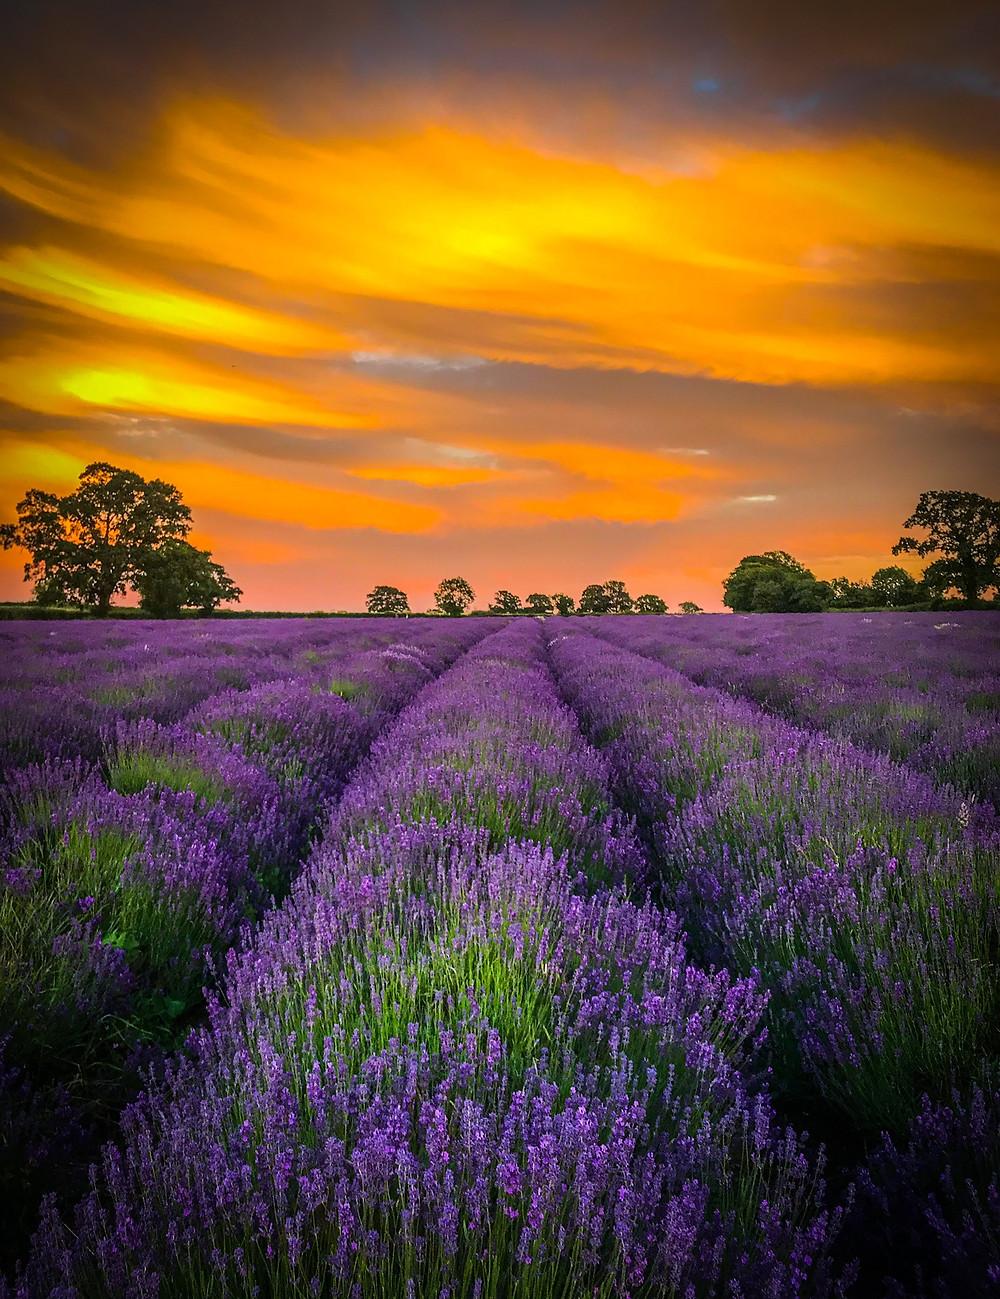 Somerset cool, Somerset lavender, Somerset blog, Somerset blogger, blogs about Somerset, Picture Somerset, Somerset photos